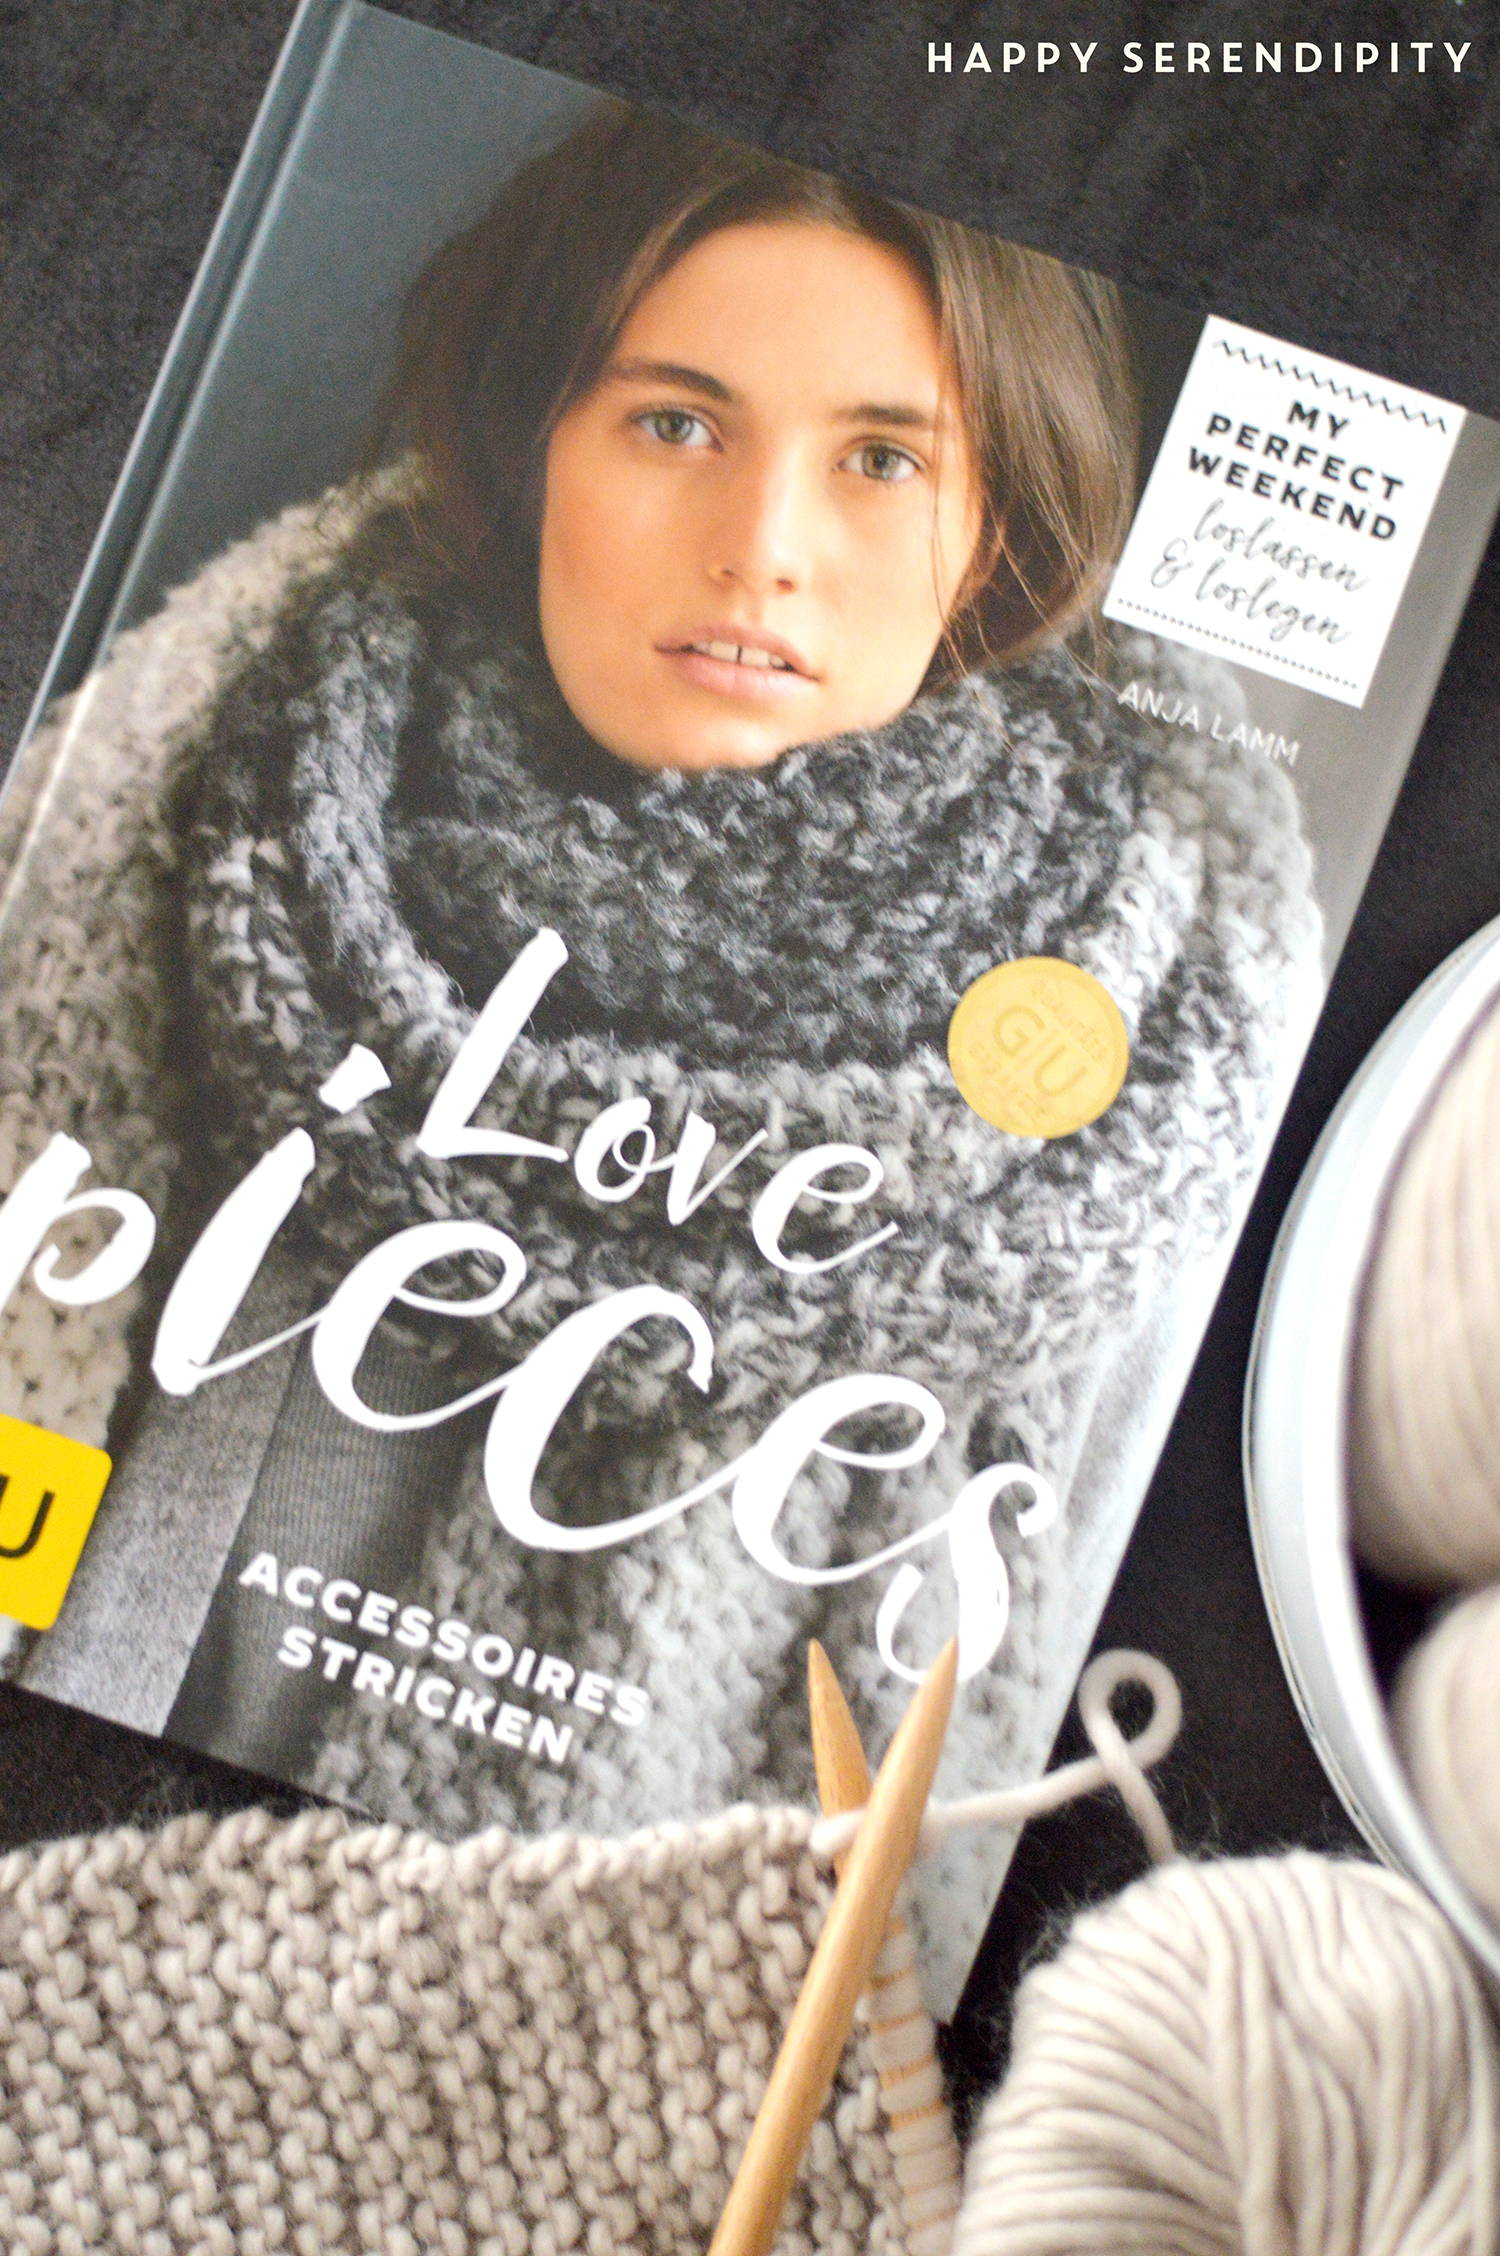 My perfect weekend - die neue Buchreiche vom GU Verlag! Starte ein Projekt und verbringe ein gemütliches und kreatives Wochenende! Eine Buchrezension von Happy Serendipity